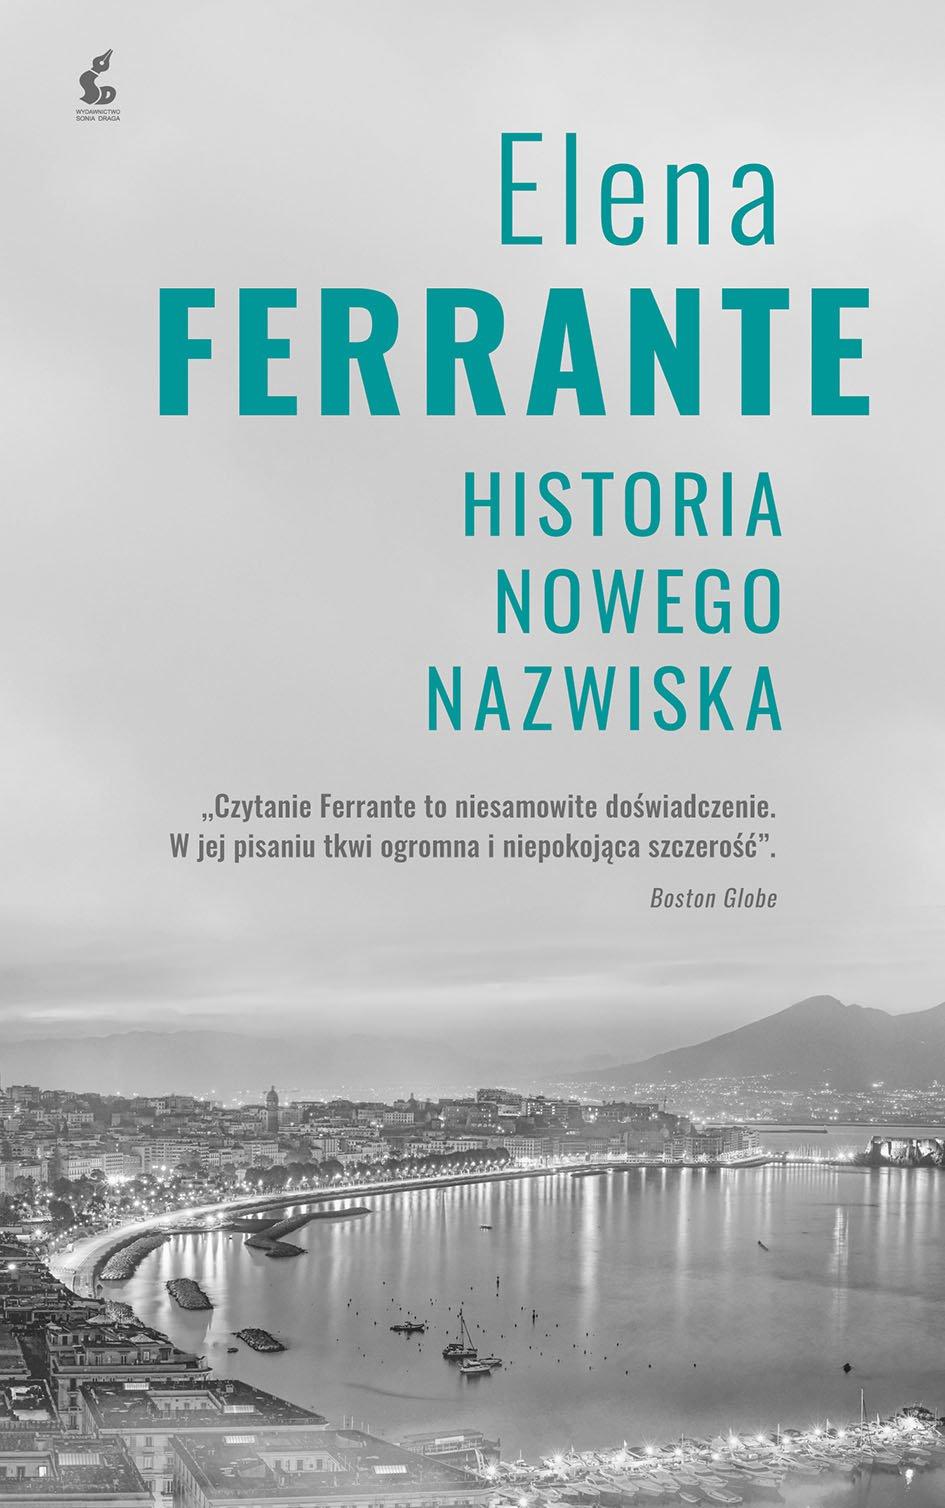 Historia nowego nazwiska. Wydanie 2 - Ebook (Książka na Kindle) do pobrania w formacie MOBI